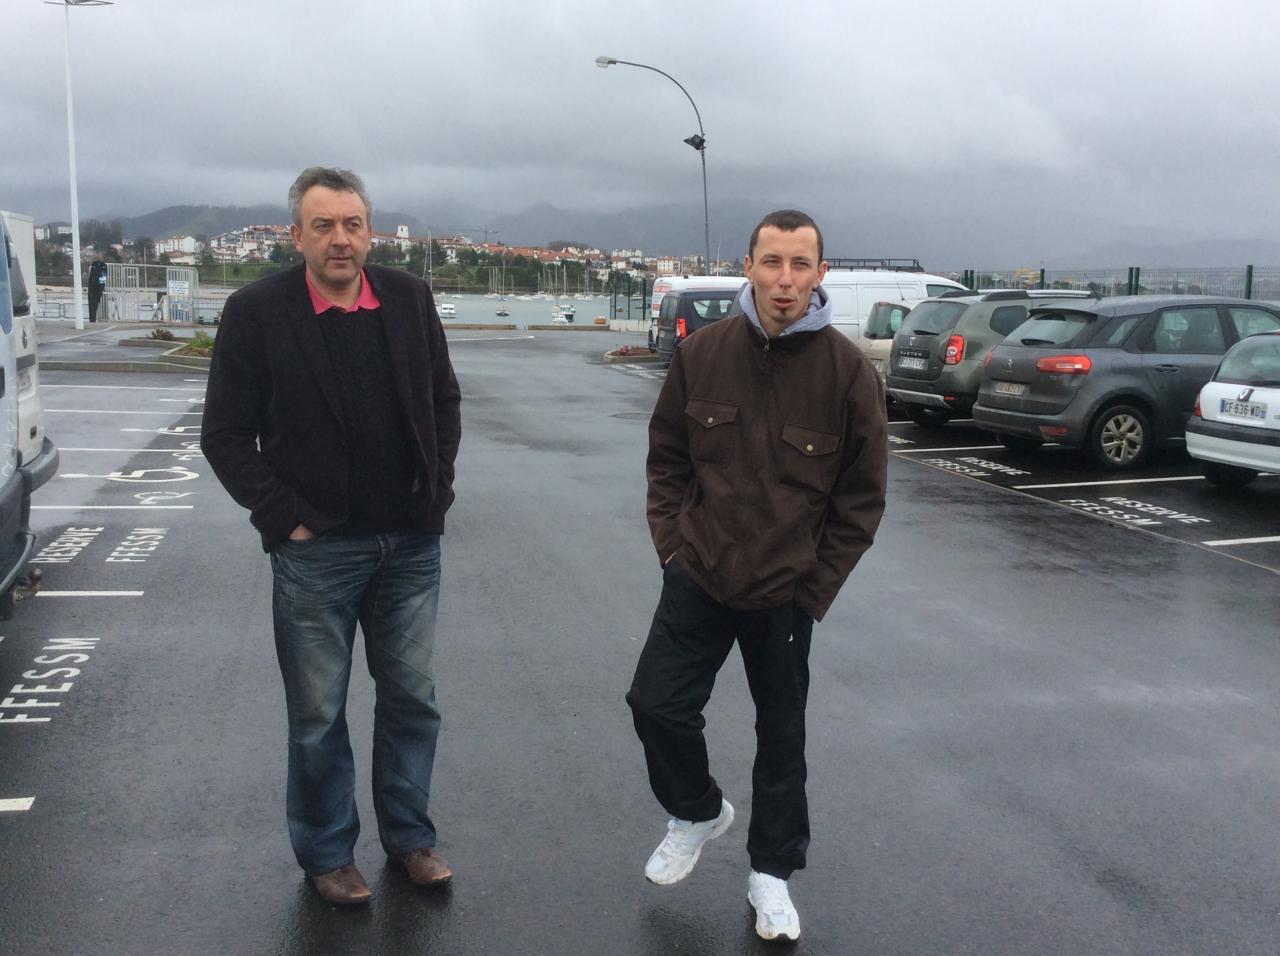 Deux plongeurs impatients... sous le mauvais temps!